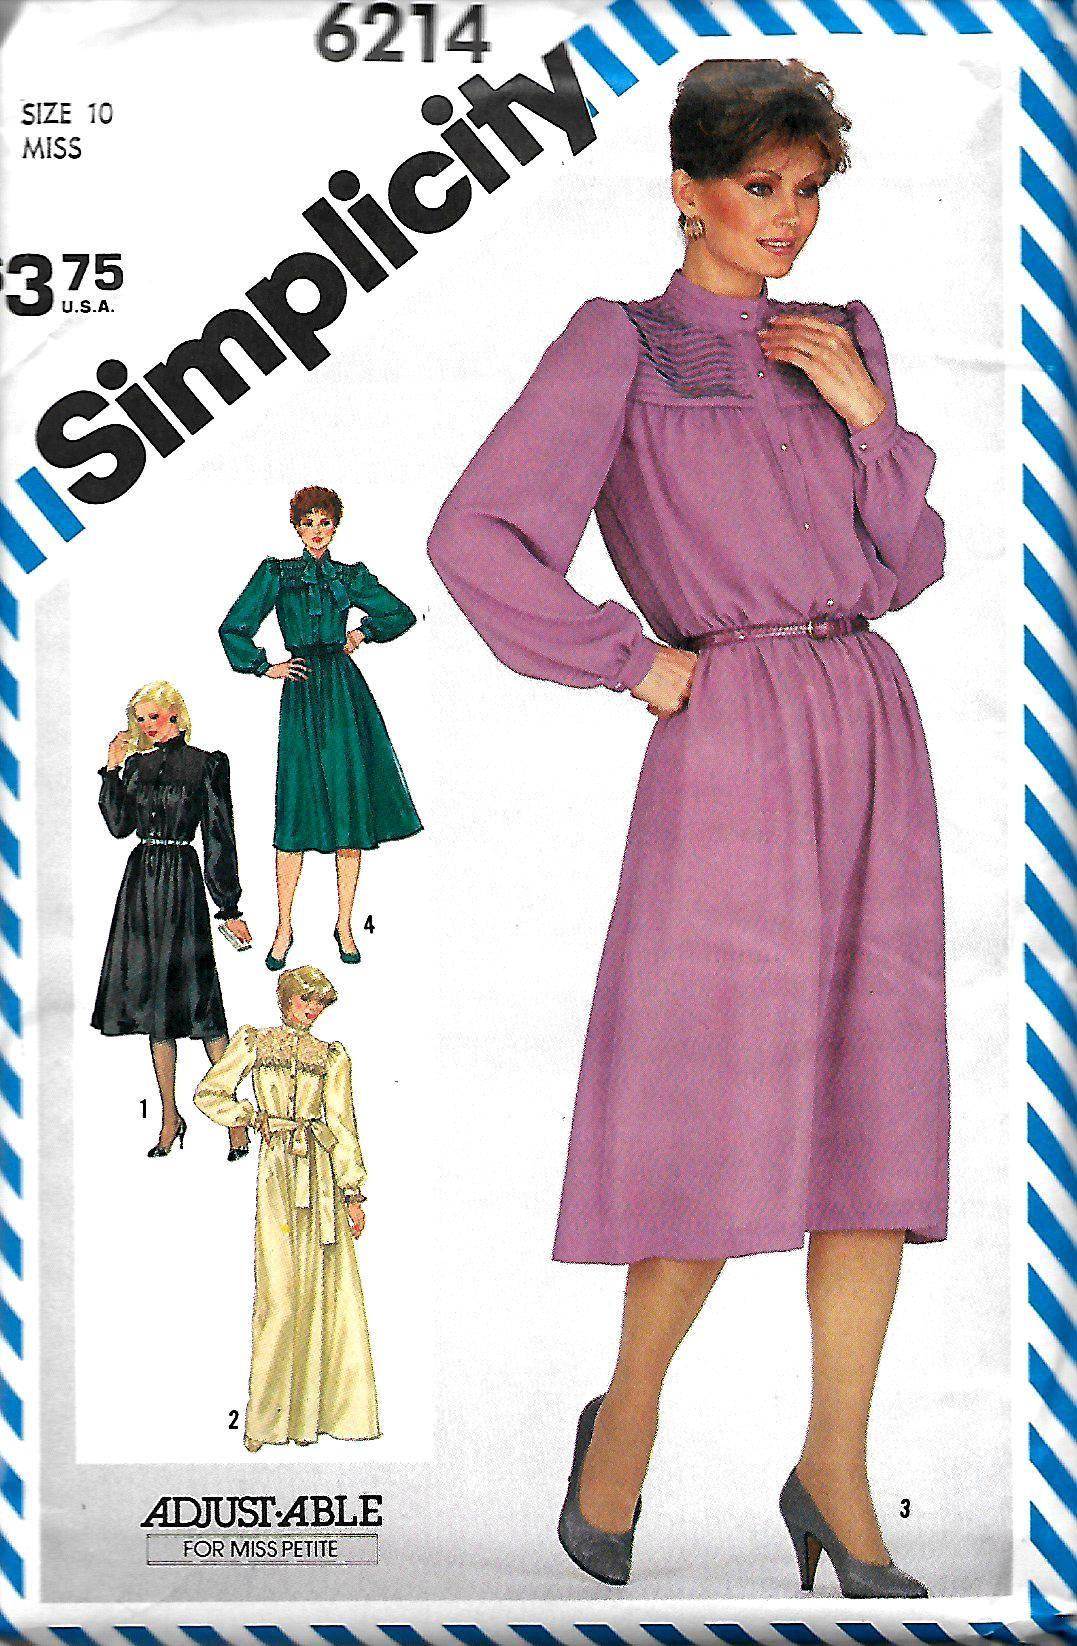 a841bc2fdb0a Simplicity 6214 Misses (Miss Petite) Dress Pattern